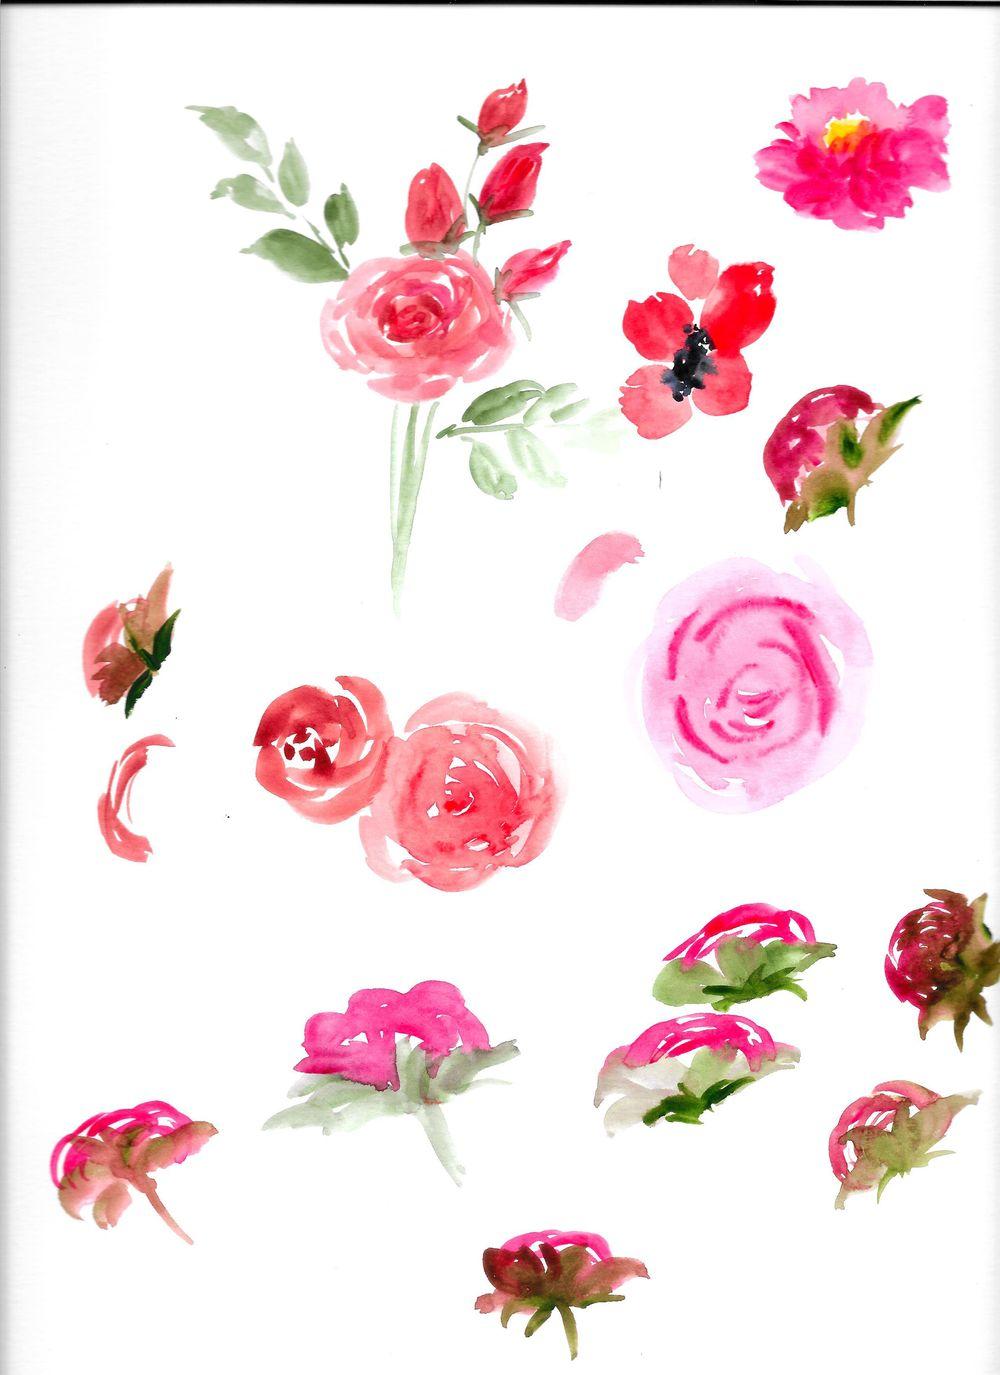 Watercolor Floral Arrangement - image 2 - student project